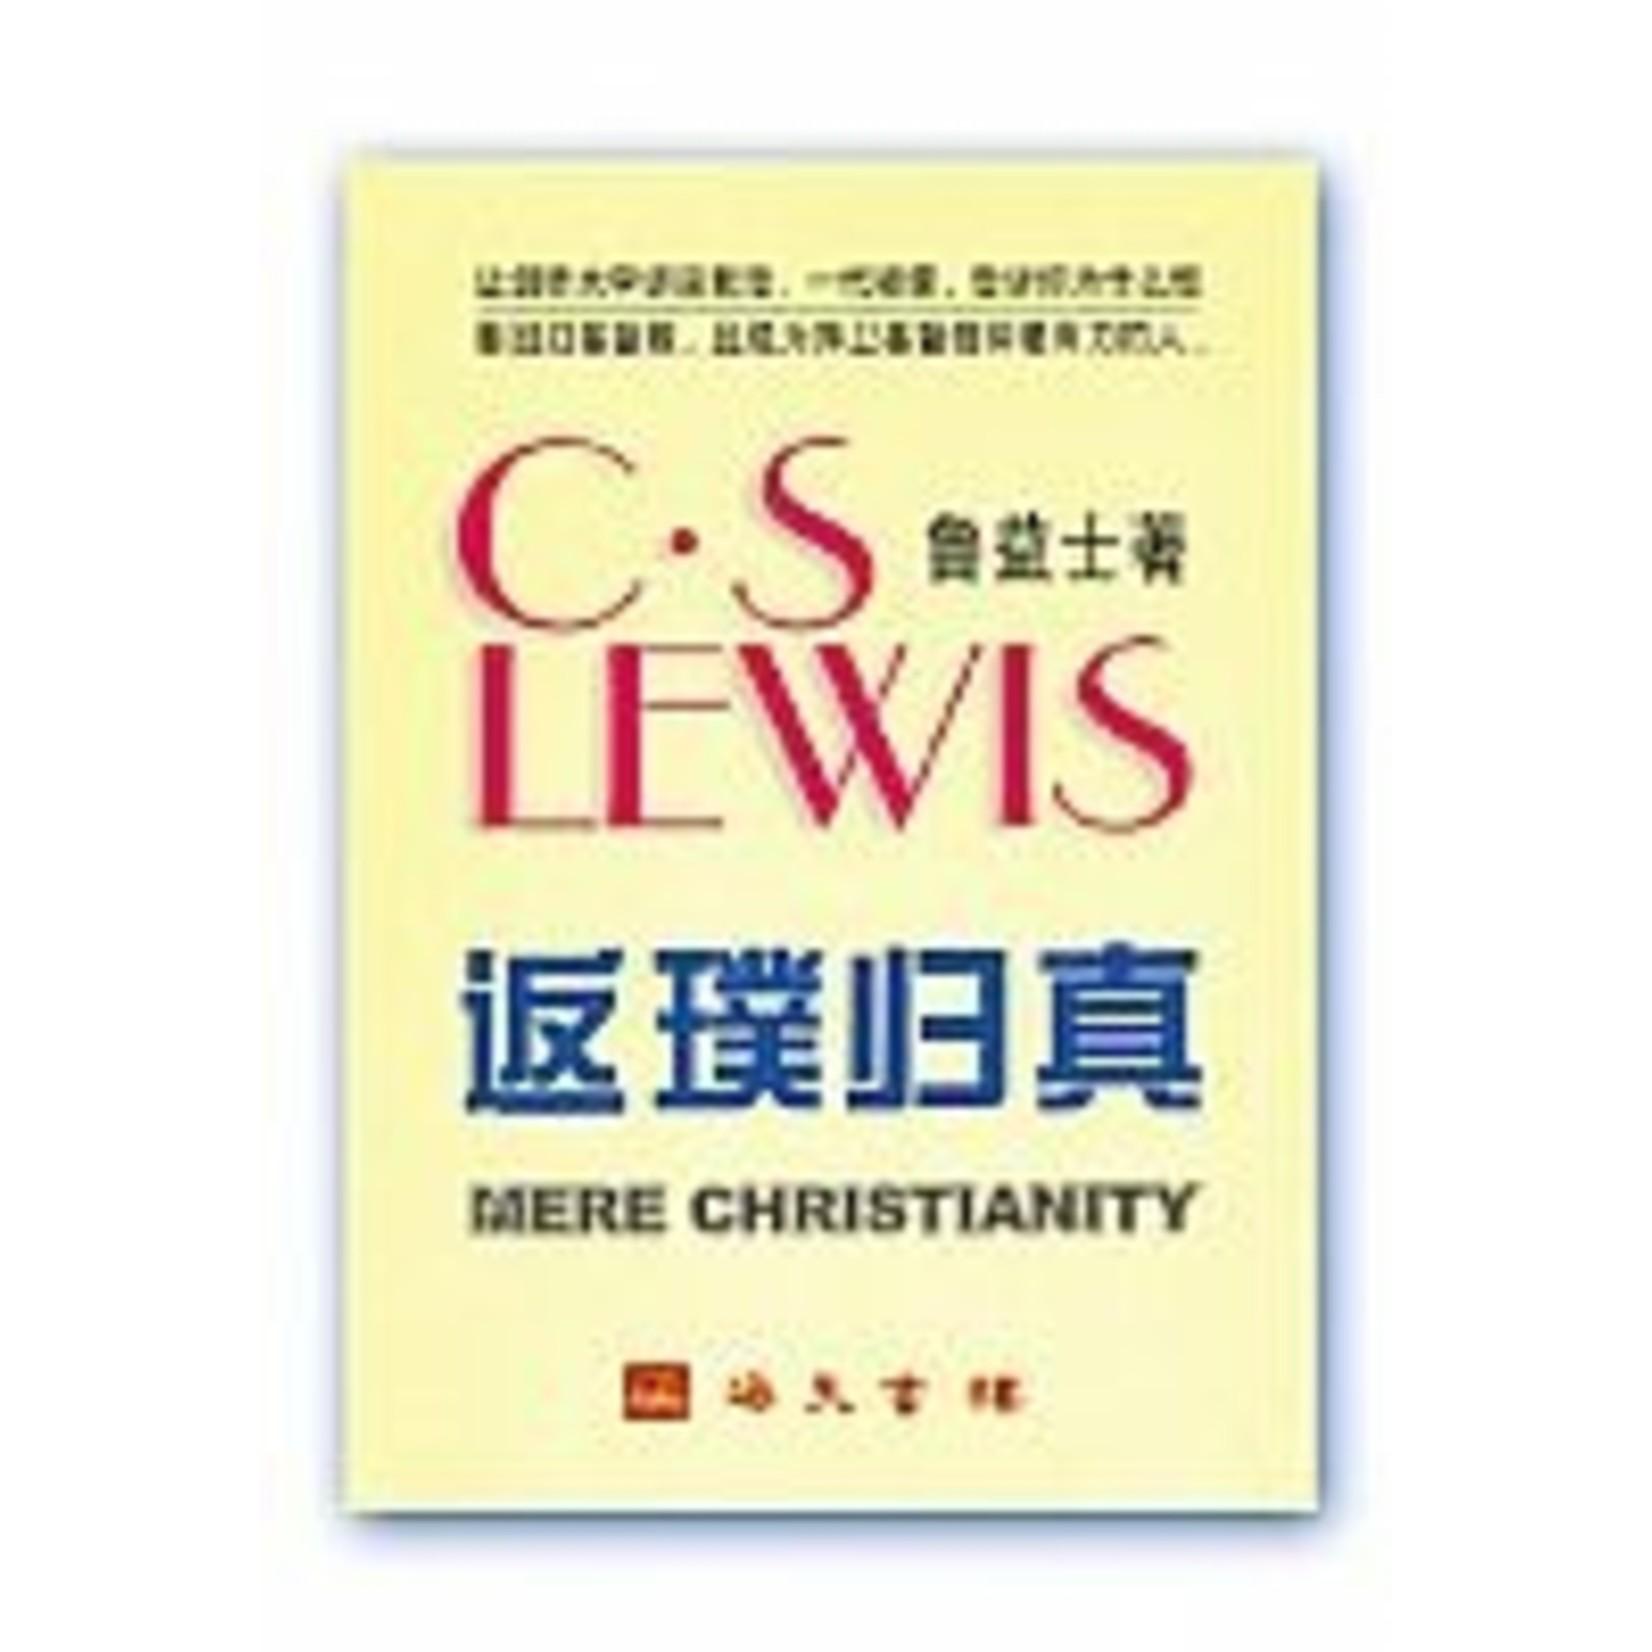 海天書樓 The Rock House Publishers 返璞歸真 (簡体版) Mere Christianity (Simplified Chinese)